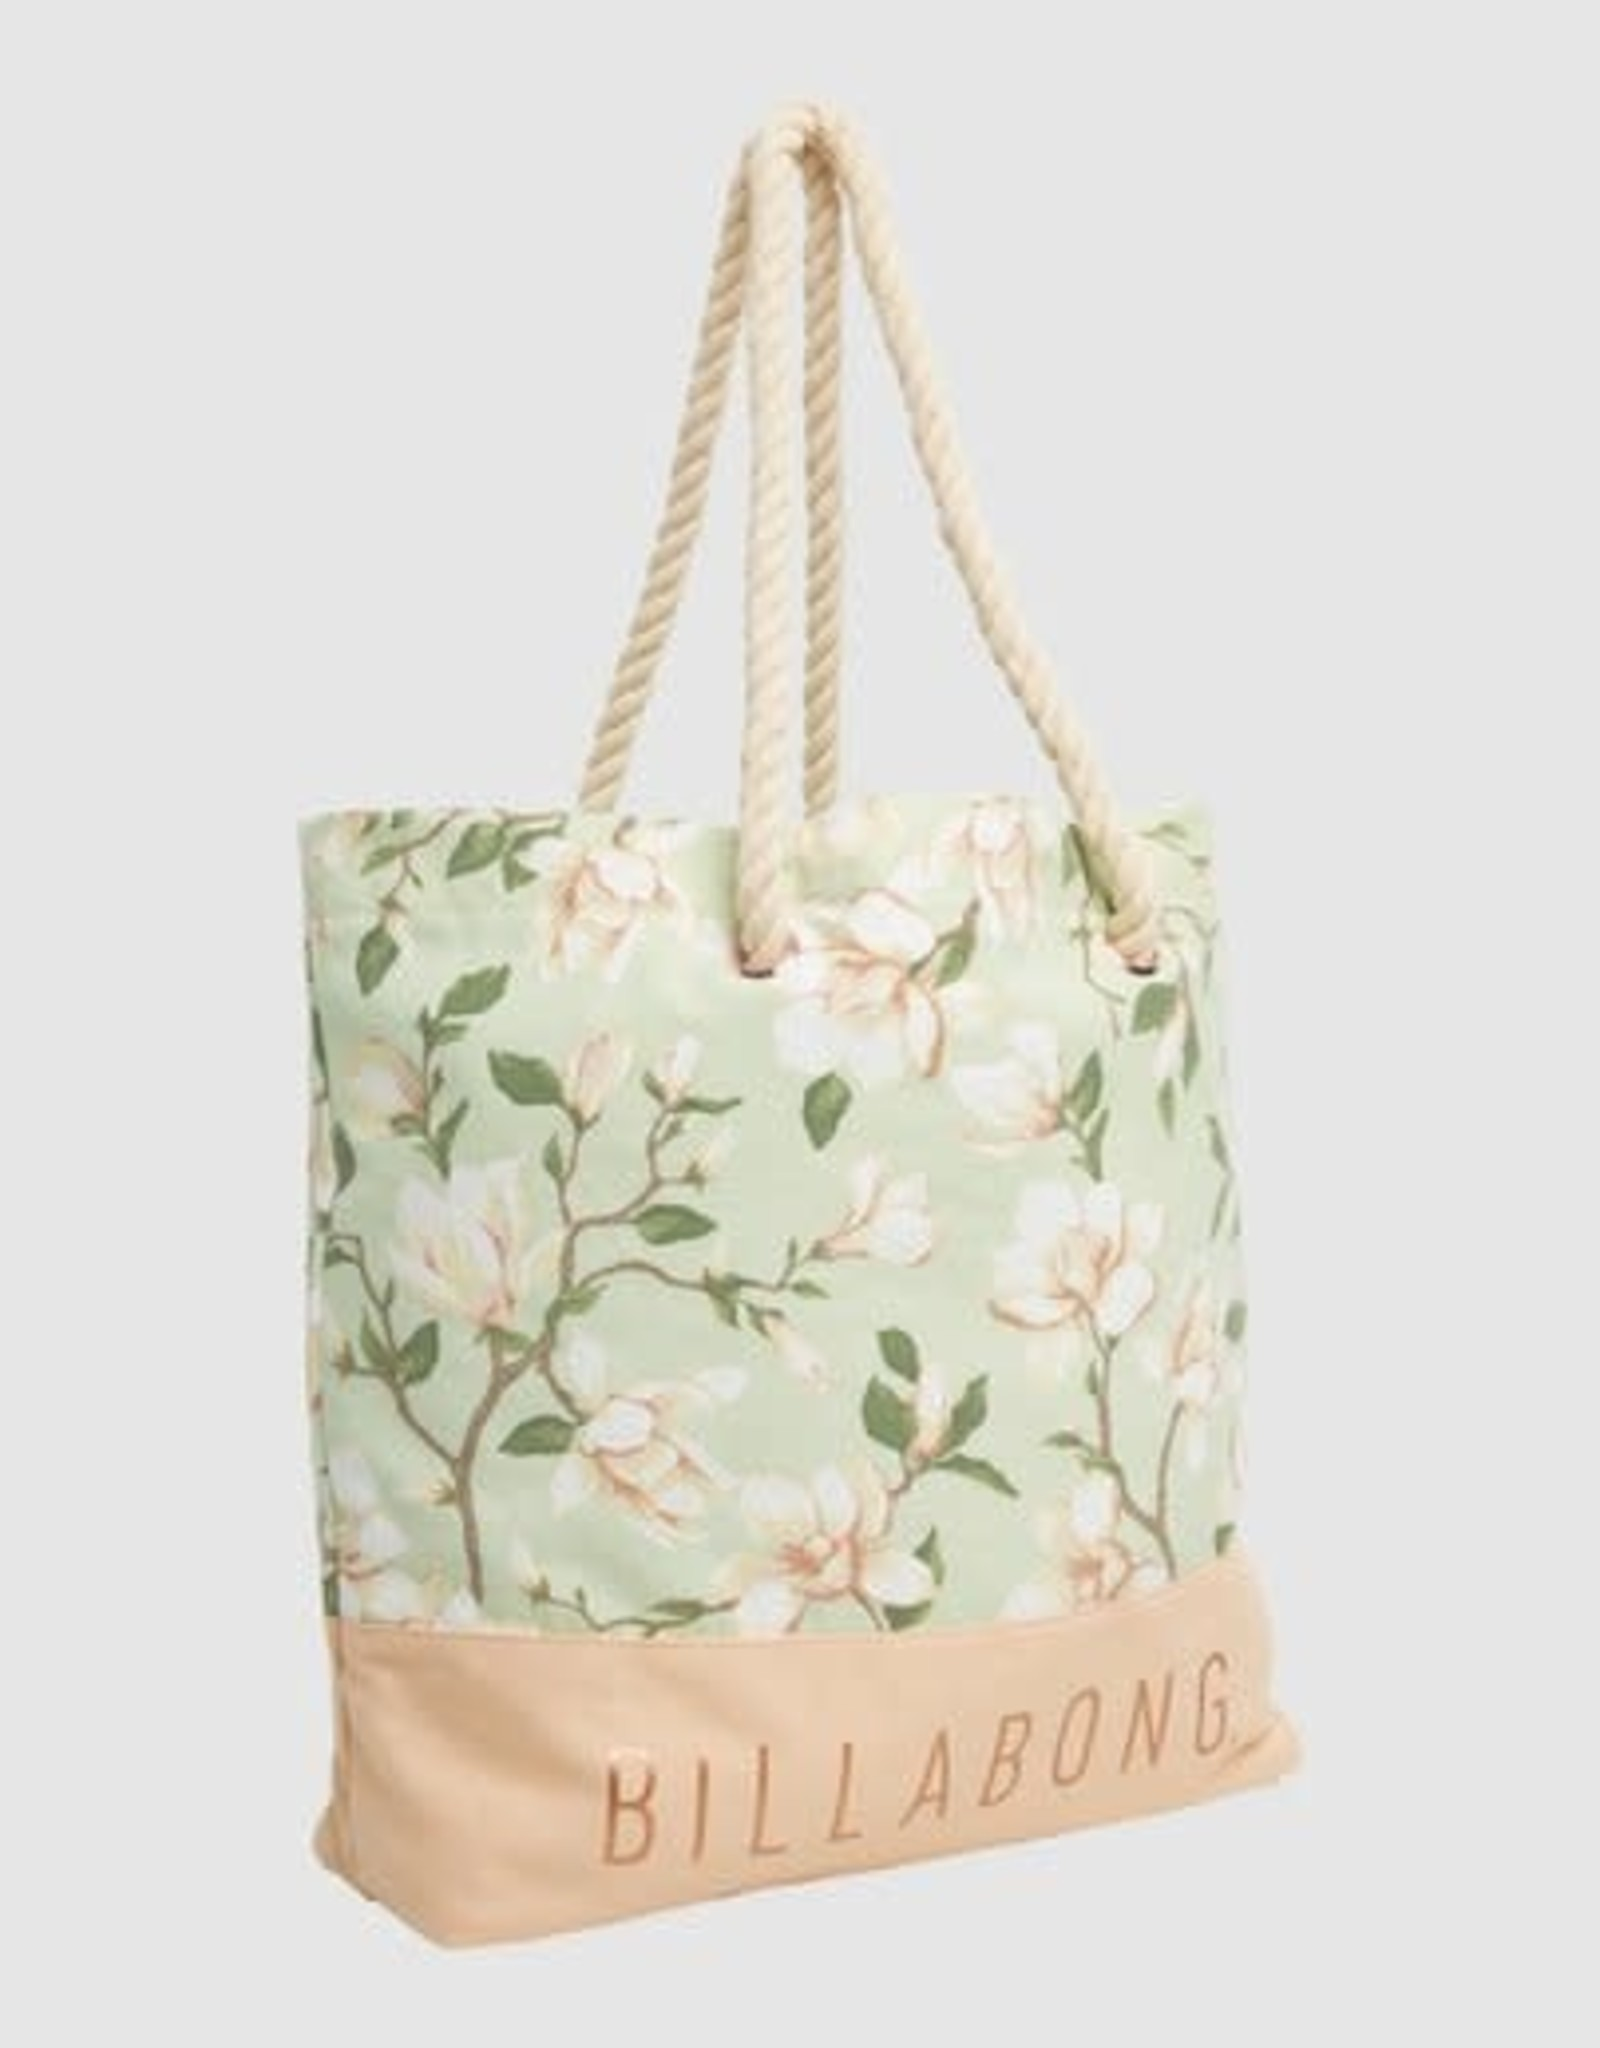 BILLABONG Moonflower Beach Bag